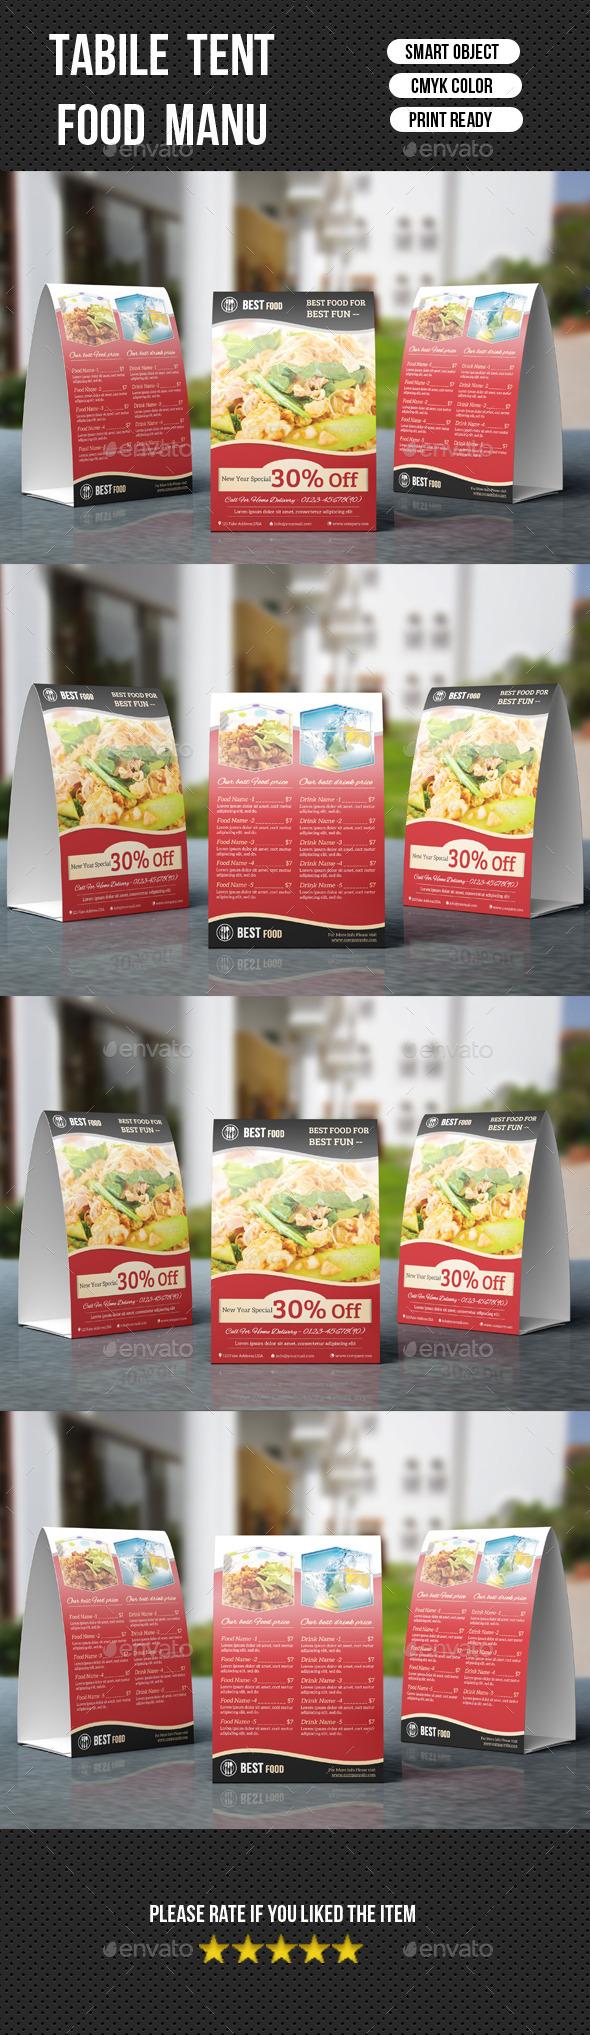 Restaurant Table Tent-V03 - Food Menus Print Templates